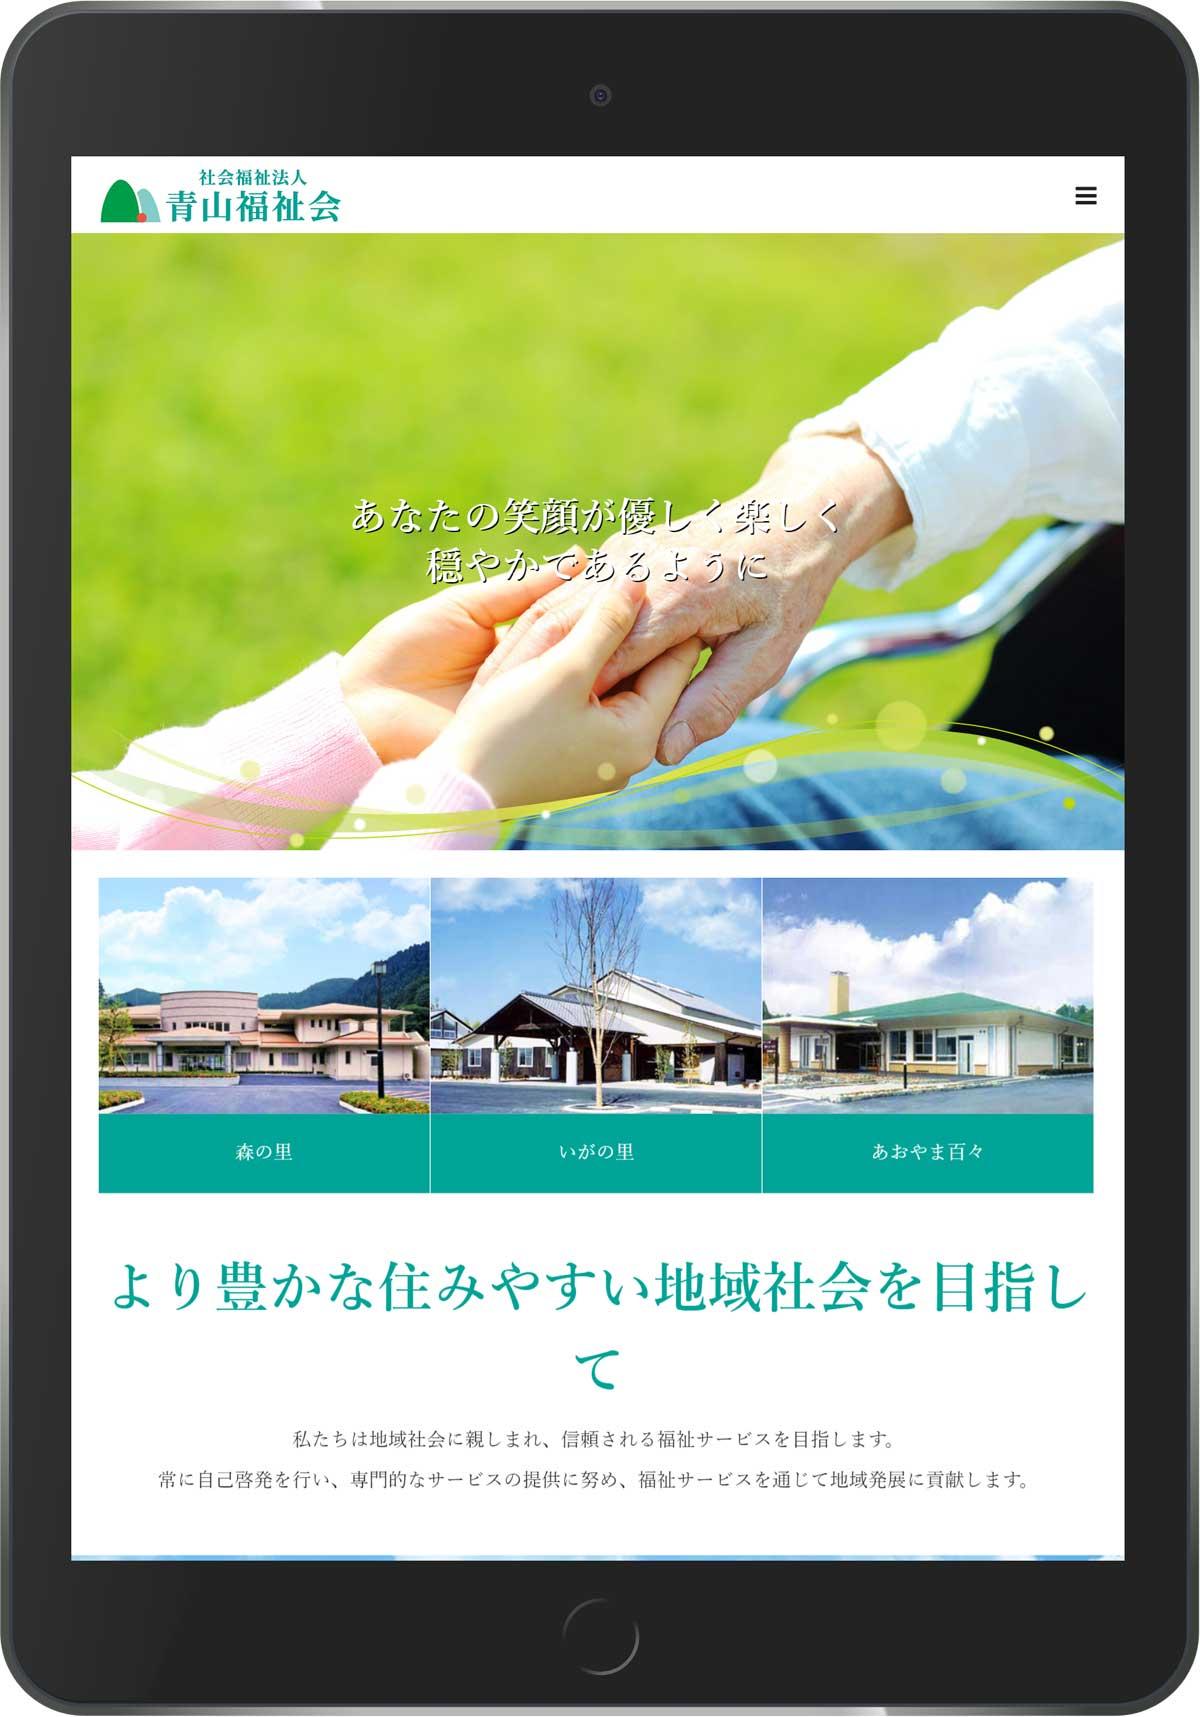 青山福祉会タブレット用デザイン